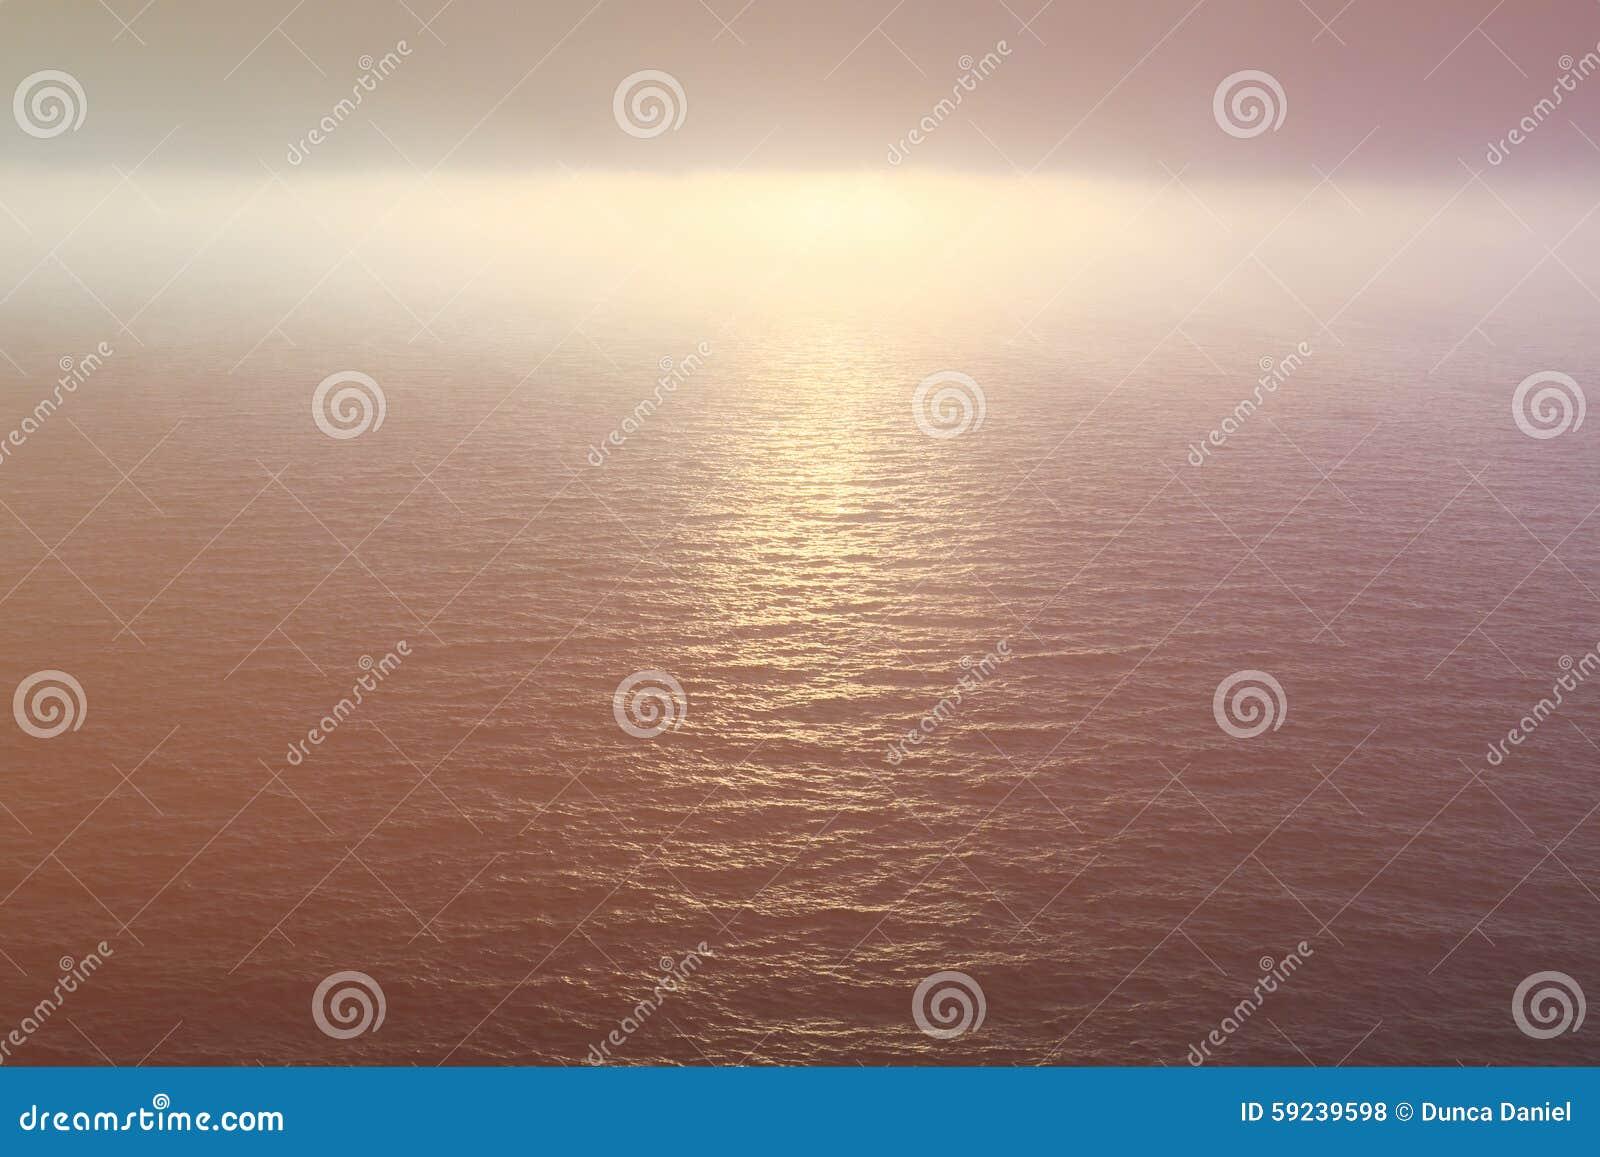 Agua del océano y cielo de niebla en la puesta del sol